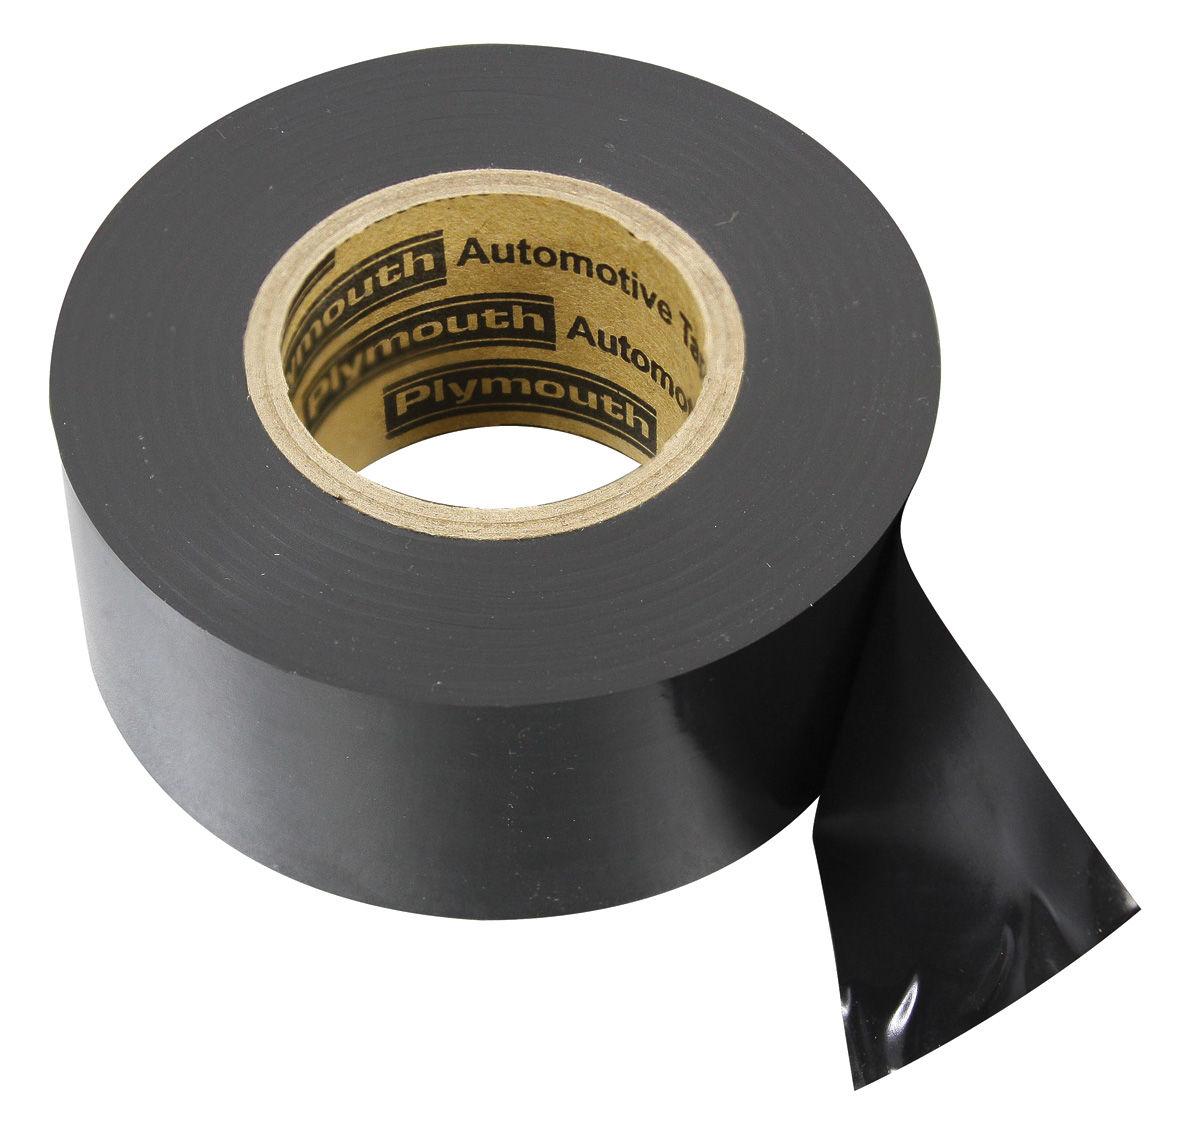 Chevelle wire harness tape original equipment